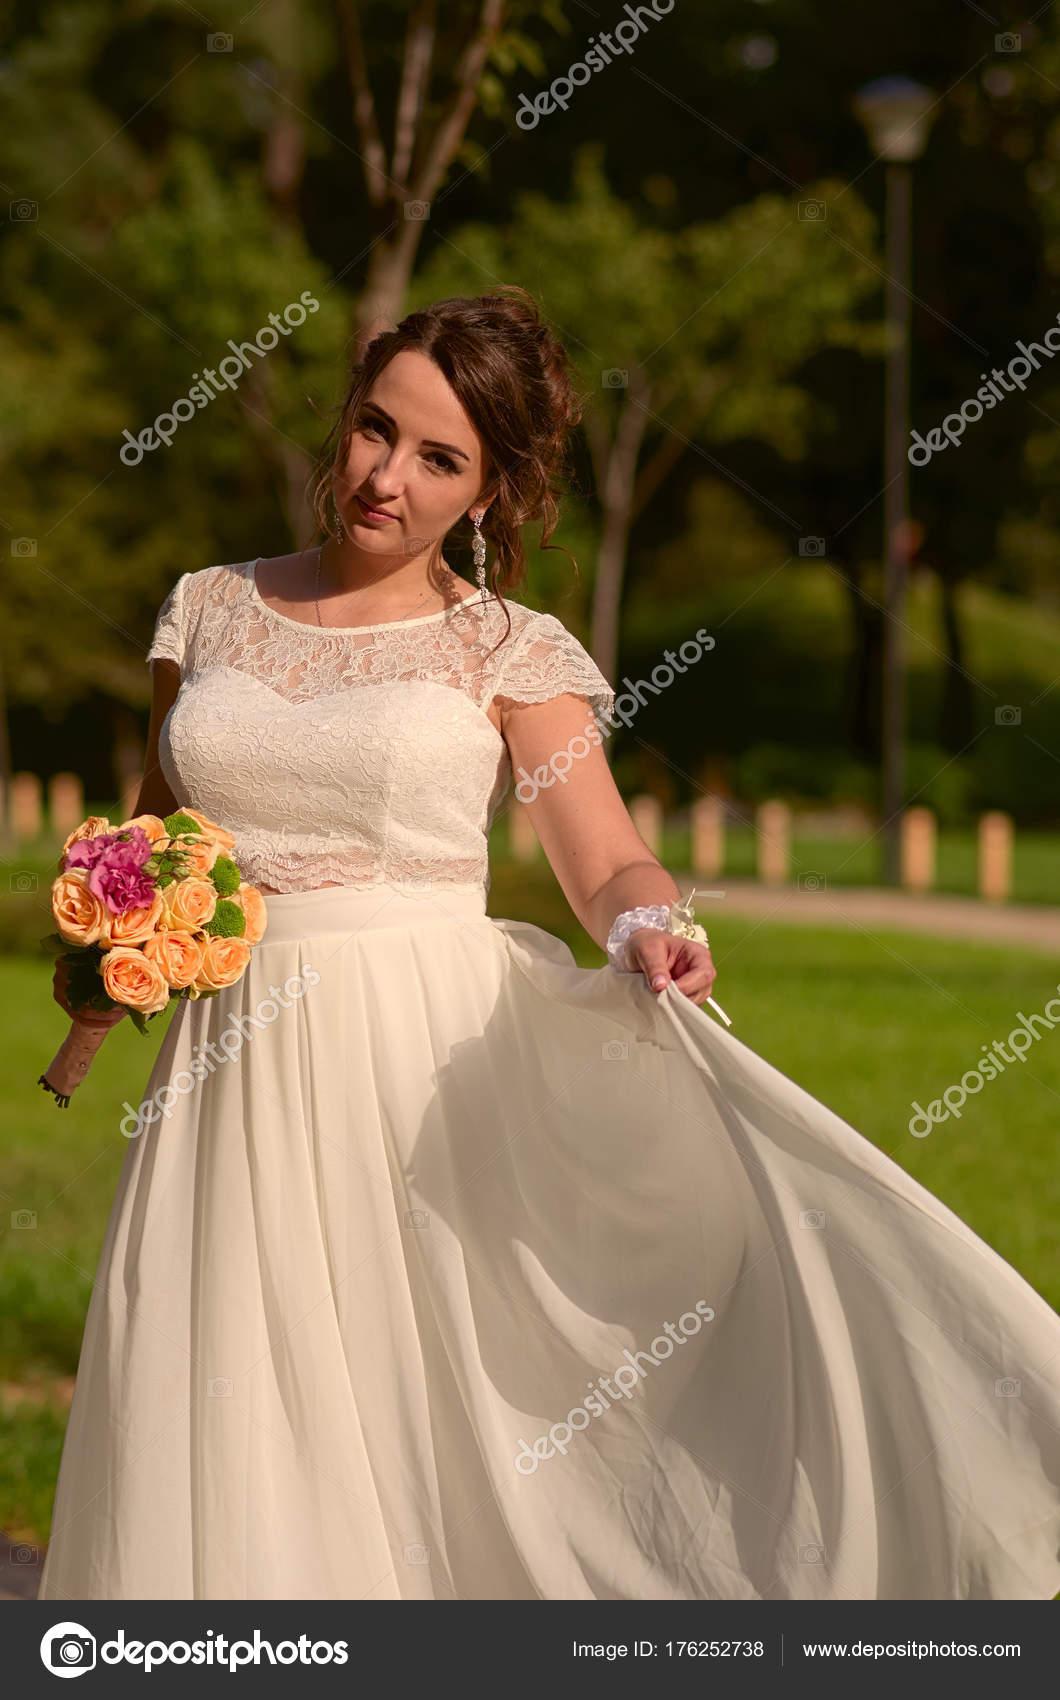 Unglaublich schöne Braut mit Rosenstrauß. Romantisches Accessoire ...